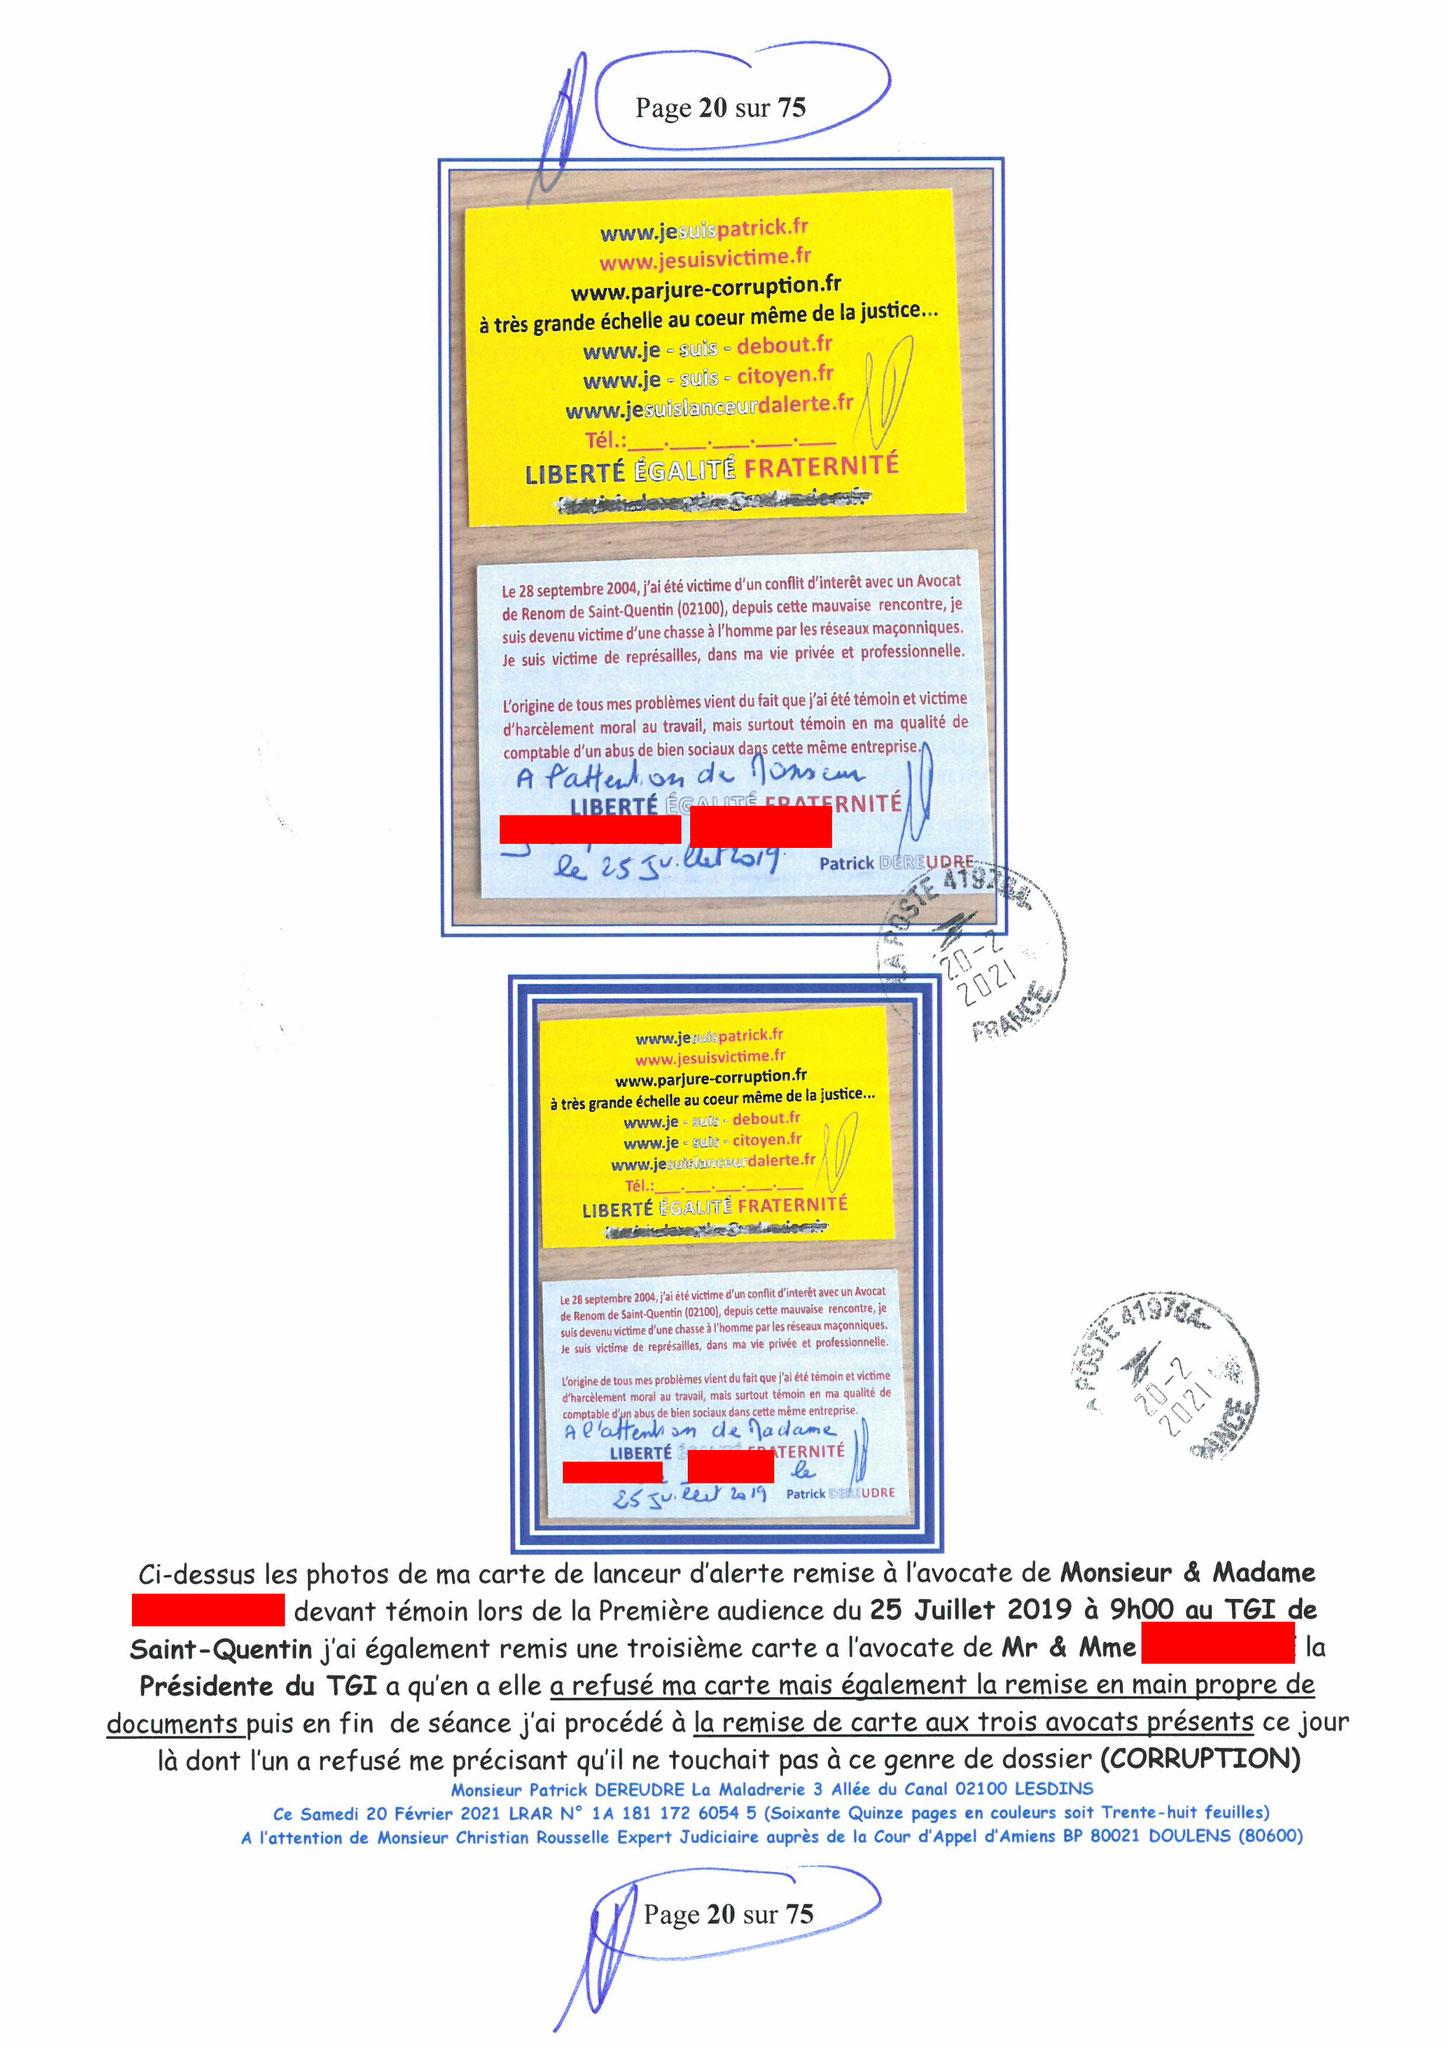 Page 20 Ma  Lettre Recommandée à Monsieur Christian ROUSSELLE Expert Judiciaire auprès de la Cour d'Appel d'Amiens Affaire MES CHERS VOISINS nos  www.jenesuispasunchien.fr www.jesuisvictime.fr www.jesuispatrick.fr PARJURE & CORRUPTION JUSTICE REPUBLIQUE